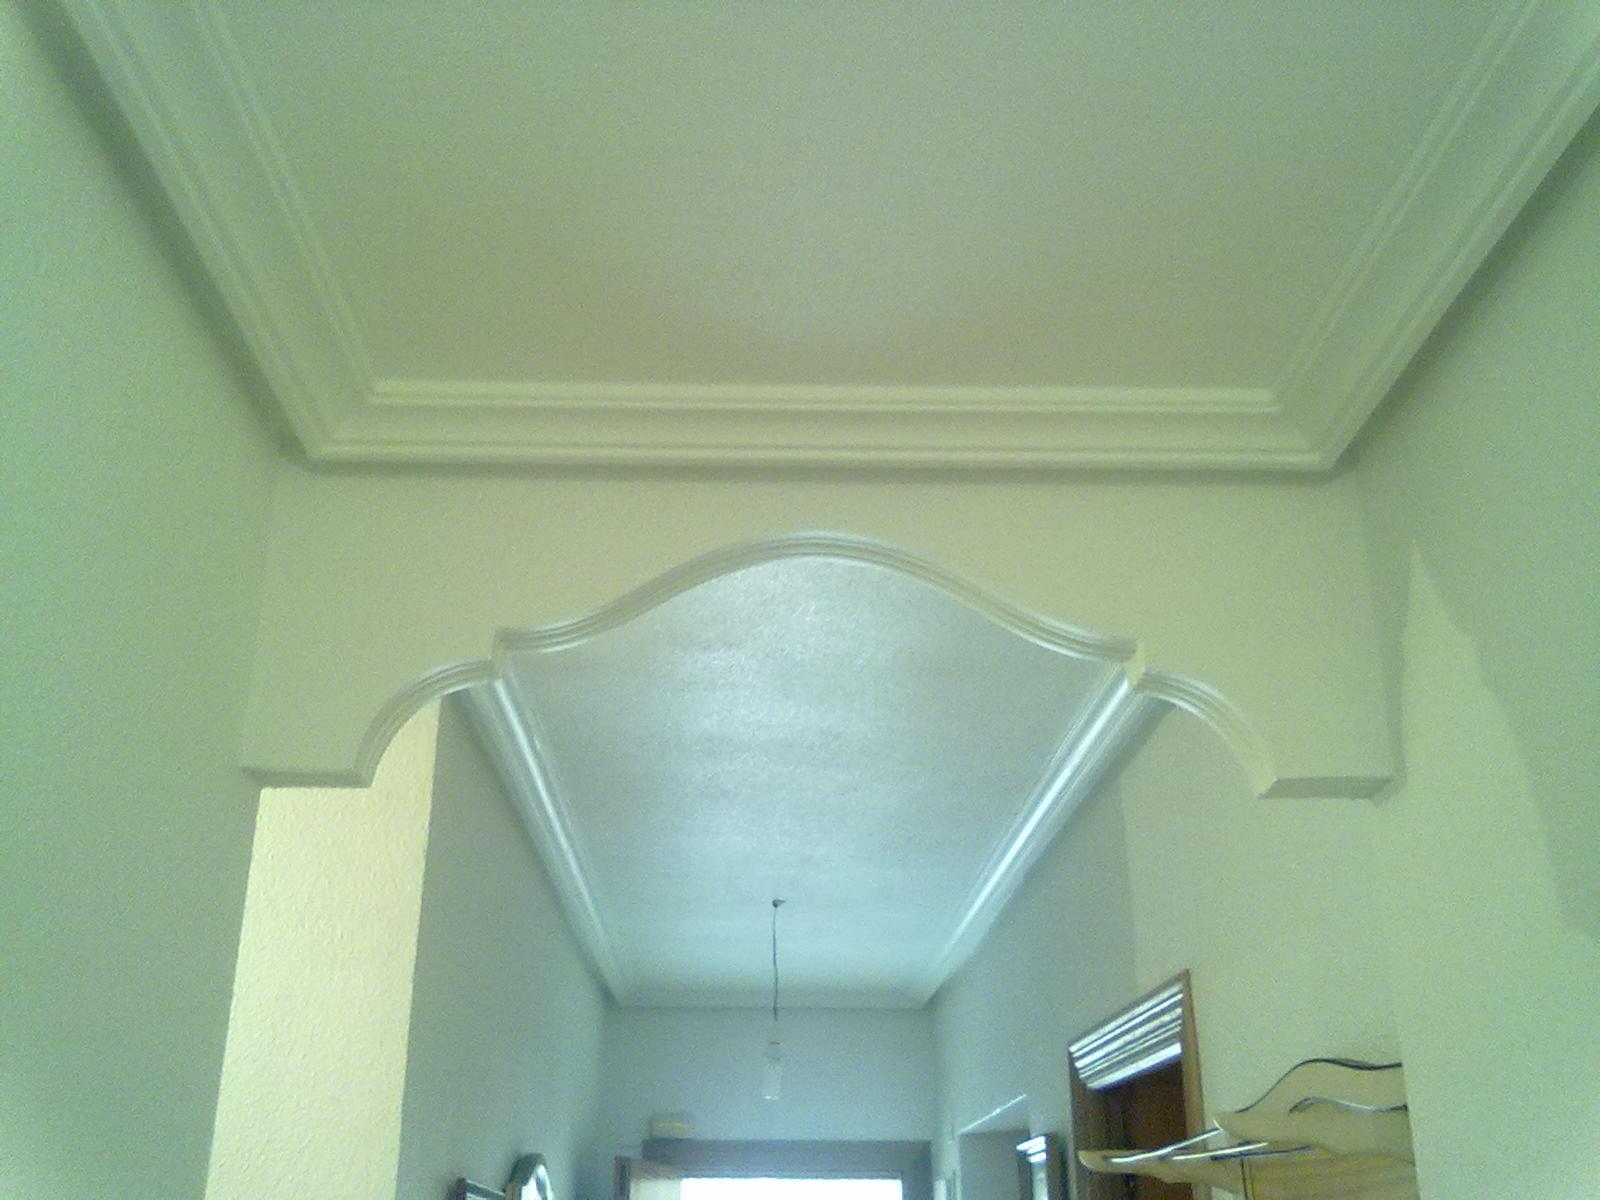 Fotos molduras escayola techo imgenes molduras escayola - Molduras de techo ...